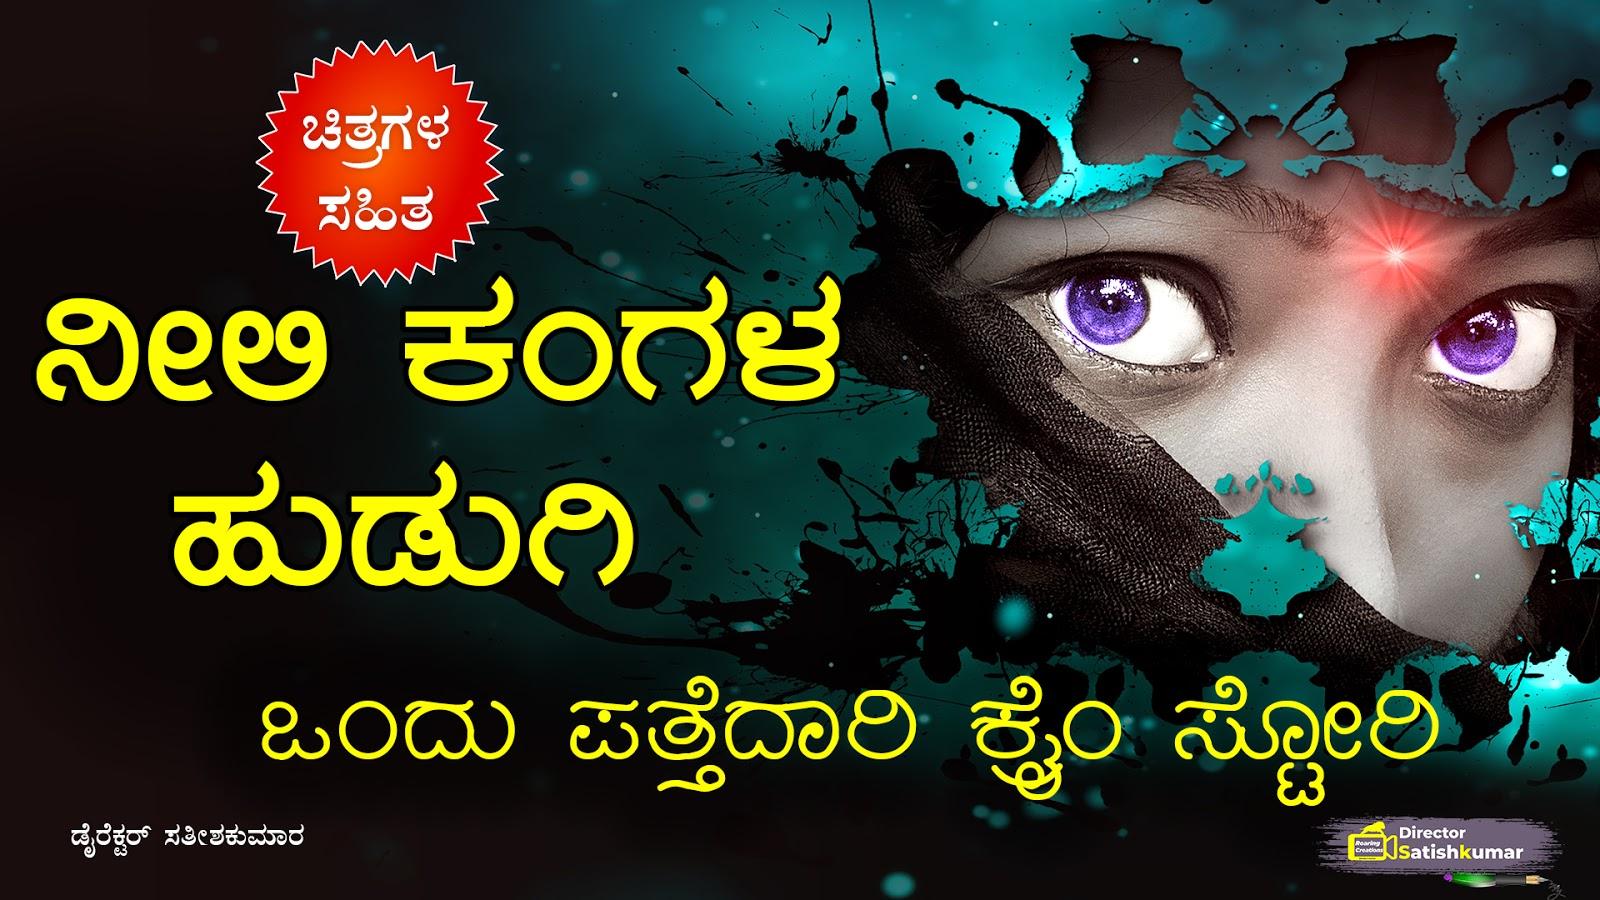 ನೀಲಿ ಕಂಗಳ ಹುಡುಗಿ :  ಒಂದು ಪತ್ತೆದಾರಿ ಕ್ರೈಂ ಸ್ಟೋರಿ  - One Detective Crime Story in Kannada - Kannada Stories